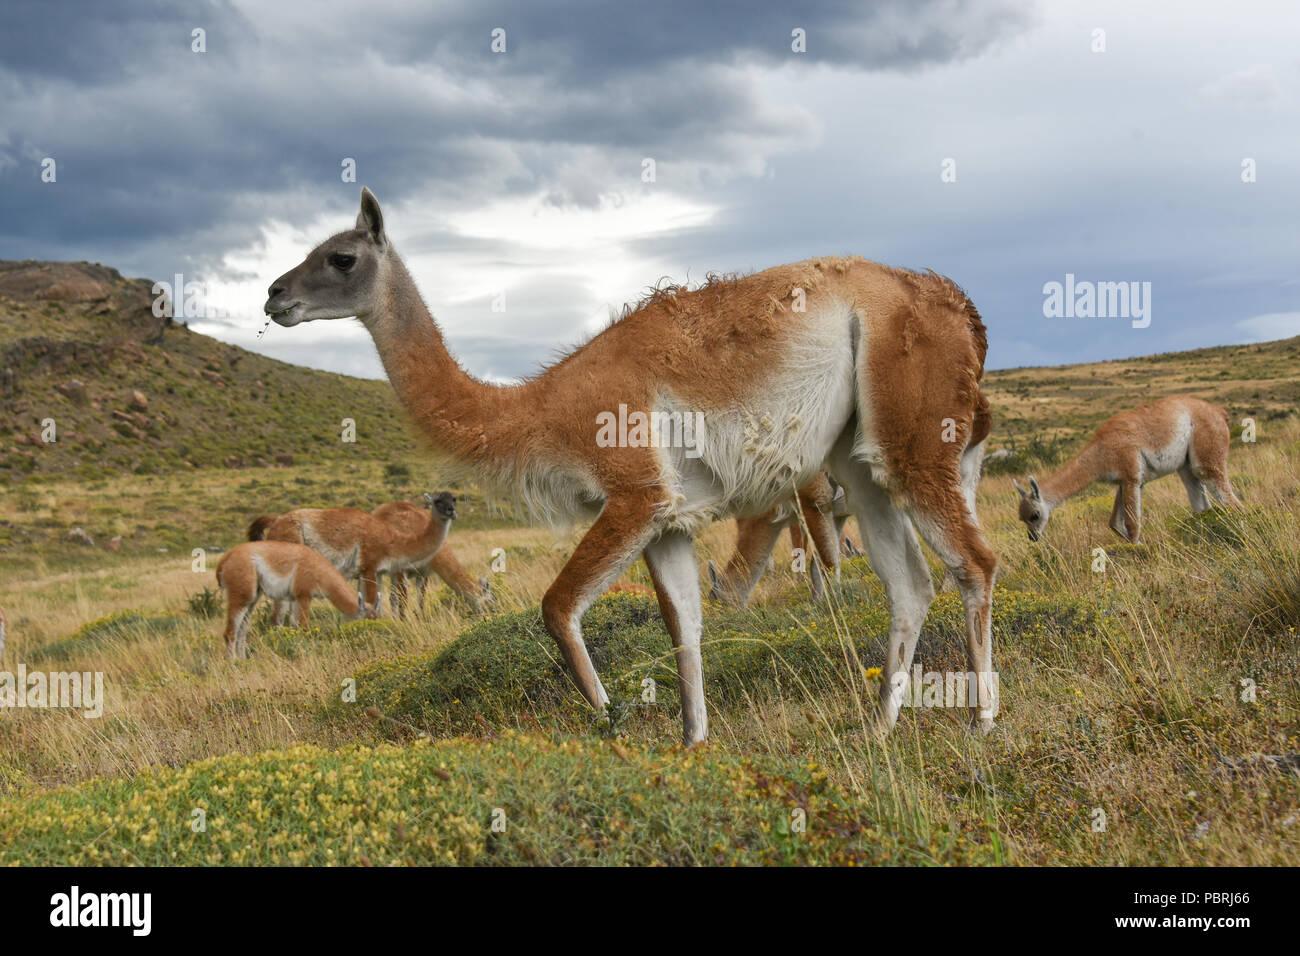 Guanacos (Lama guanicoe) après la pluie, le Parc National Torres del Paine, Patagonie, Chili, Amérique du Sud Banque D'Images